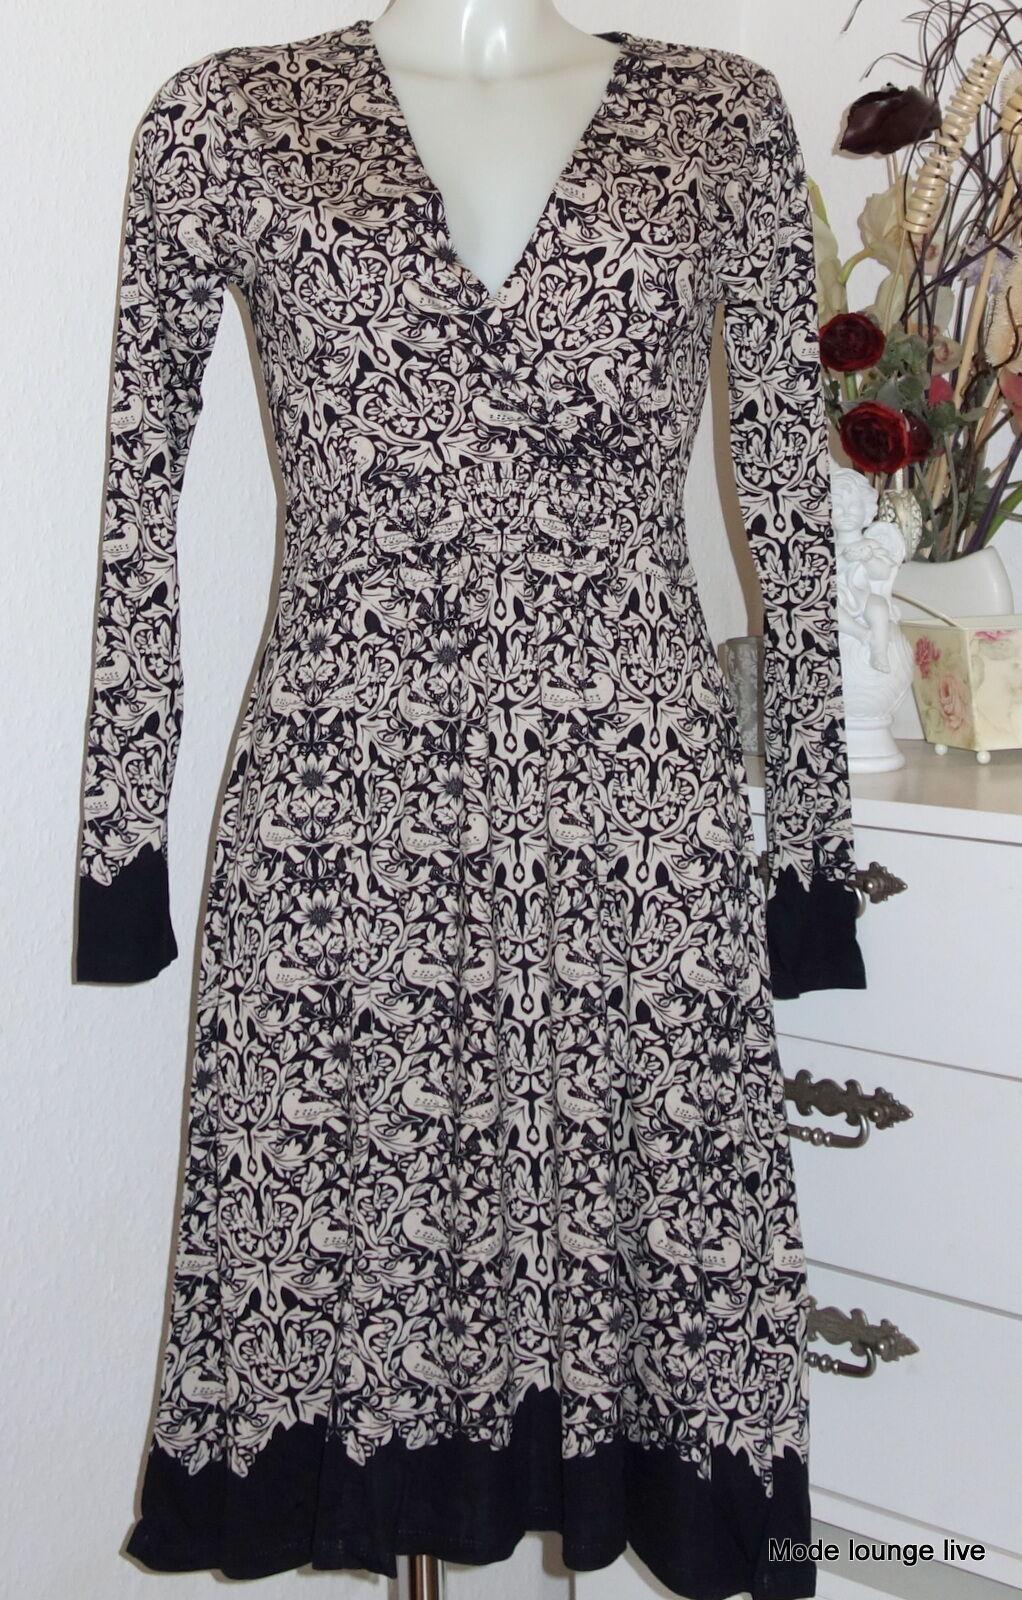 Braintree Kleid Bambus Biobaumwolle organic cotton Hali Kia Dress WWD 2394 | Umweltfreundlich  | Optimaler Preis  | Genial Und Praktisch